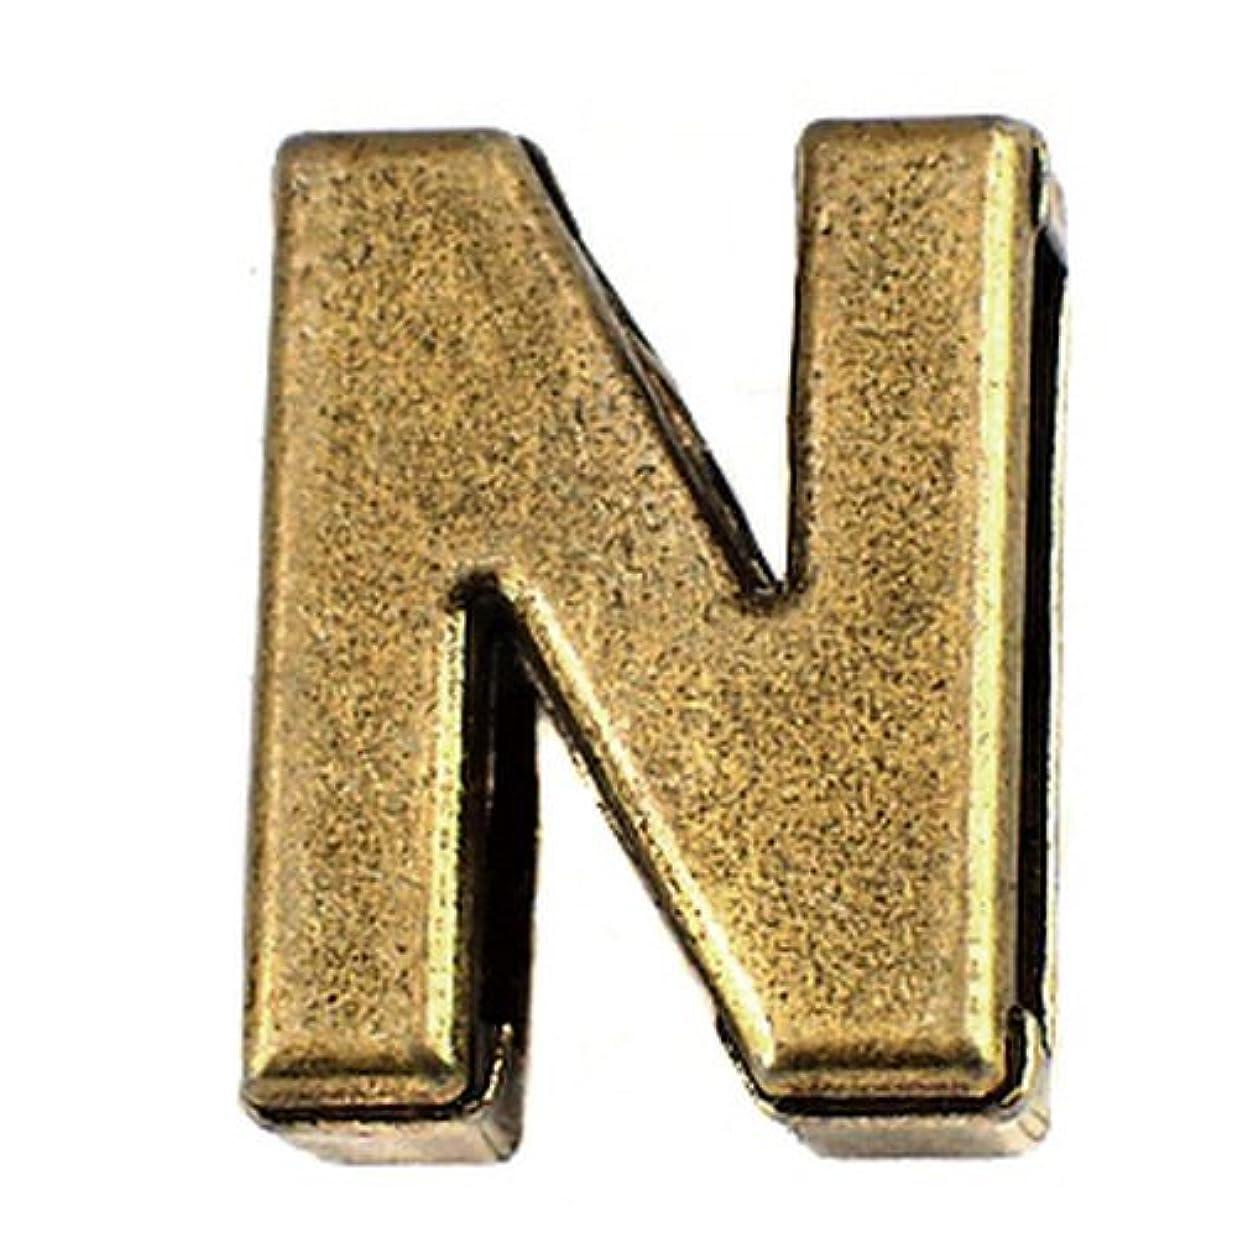 永遠の特別なパワー限定 ピンバッジ アルファベット「N」アンティーク真鍮色 ピンズ ブロック体 ブロンズ色 ピンバッチ